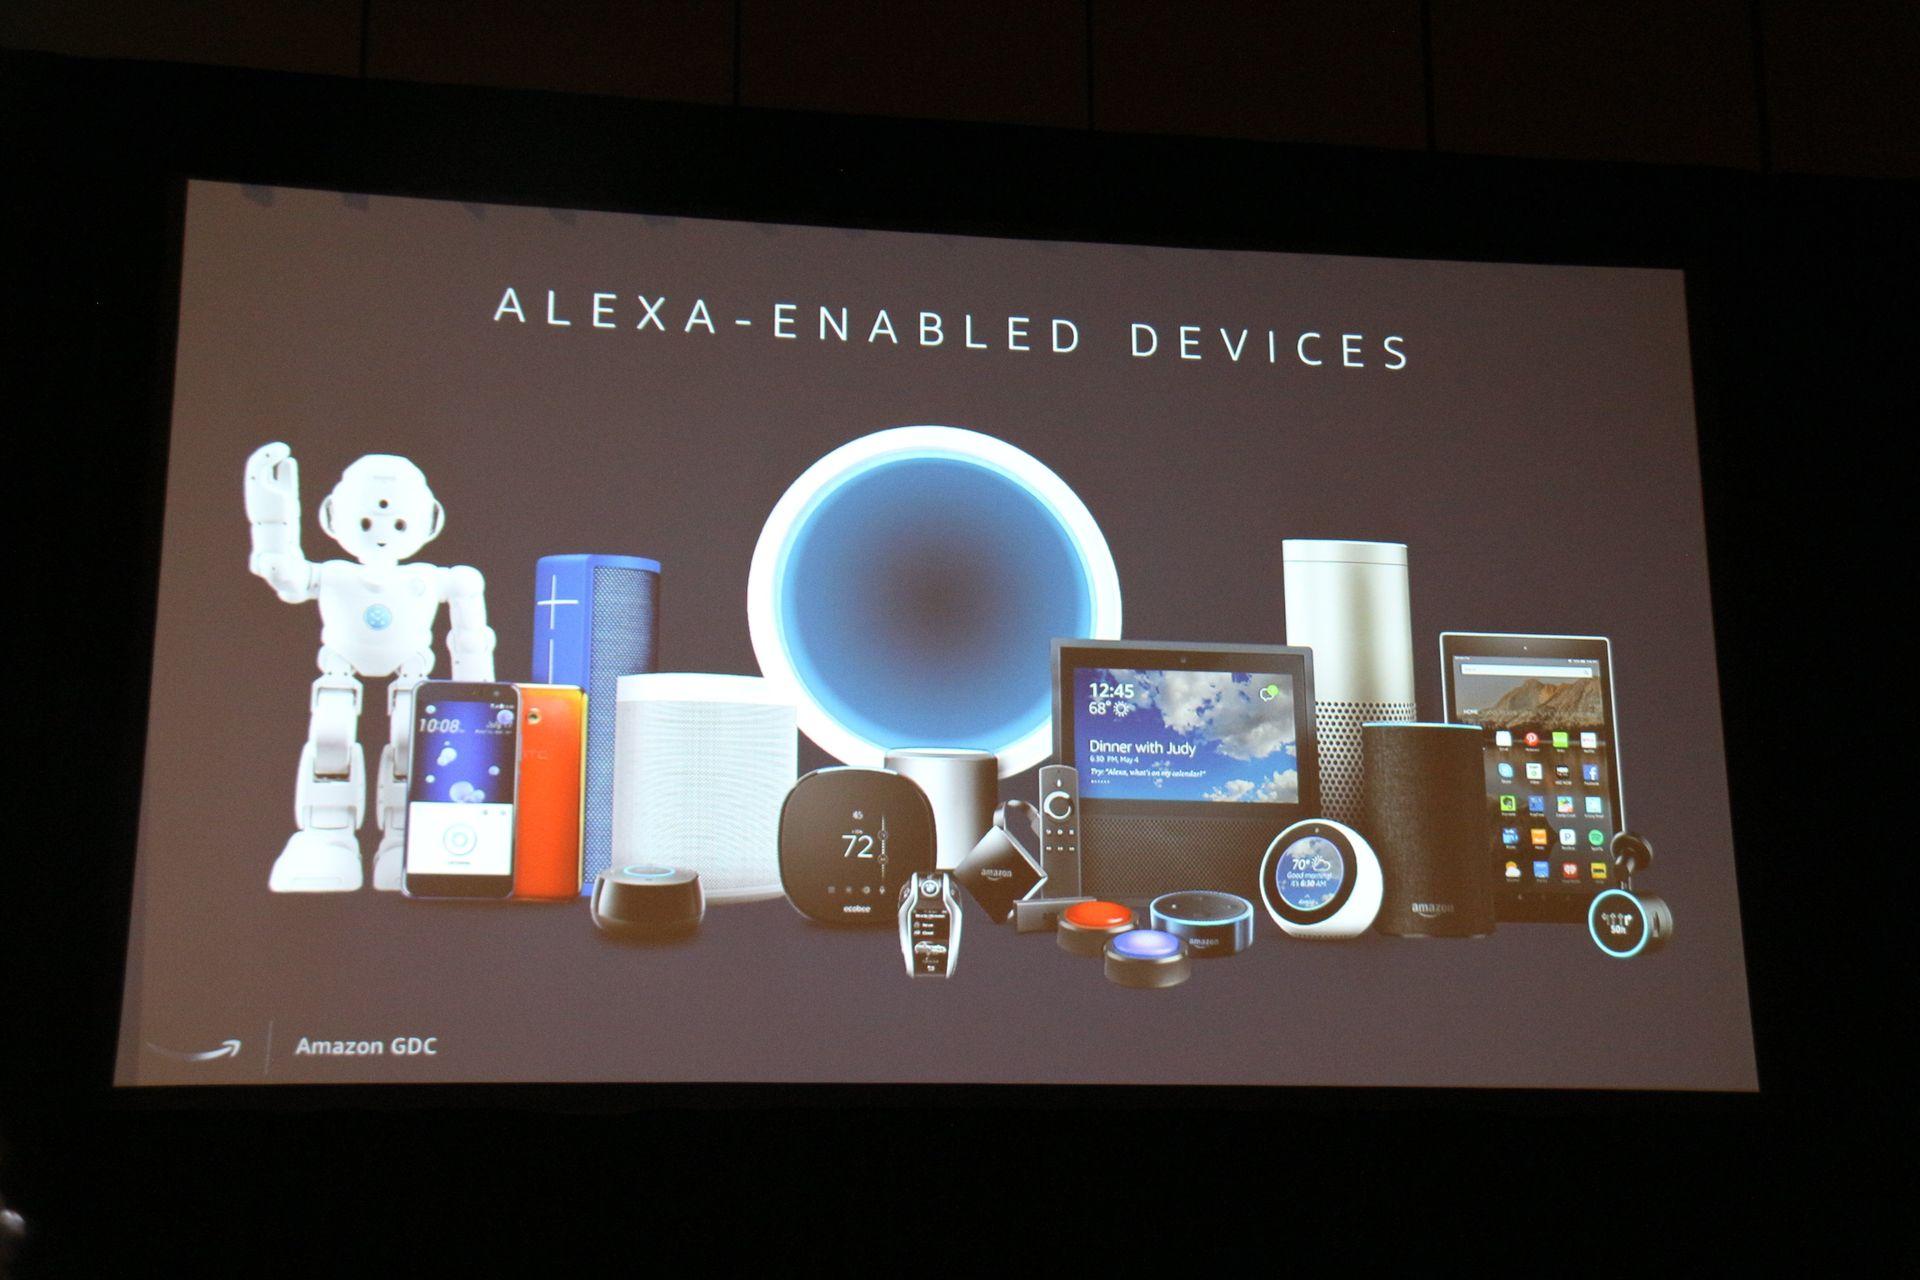 世界にはすでに数千万台のAlexaデバイスが販売されている